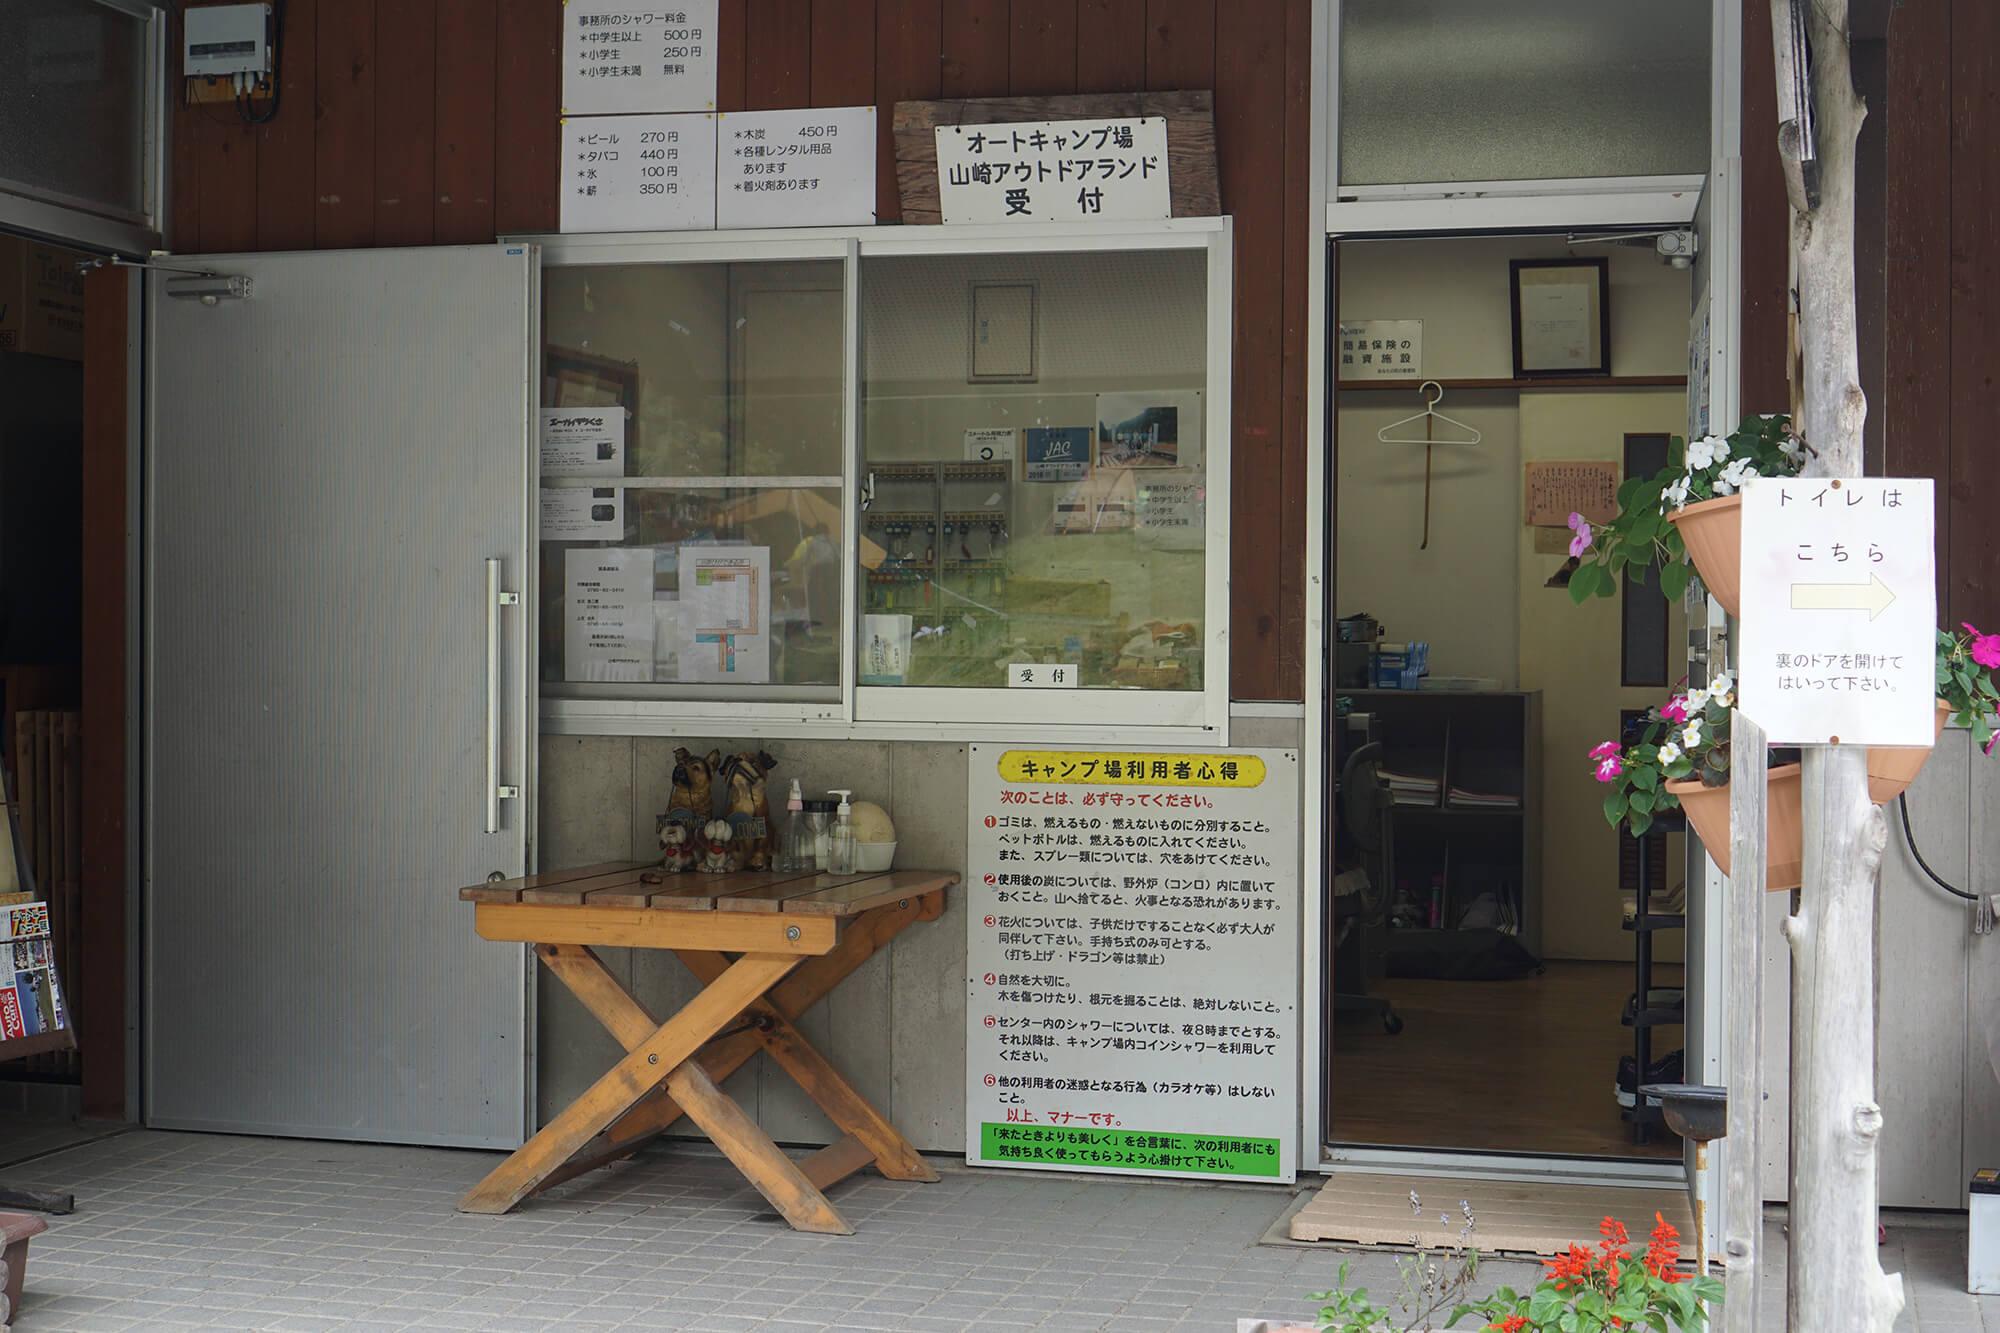 山崎アウトドアランド管理棟の写真